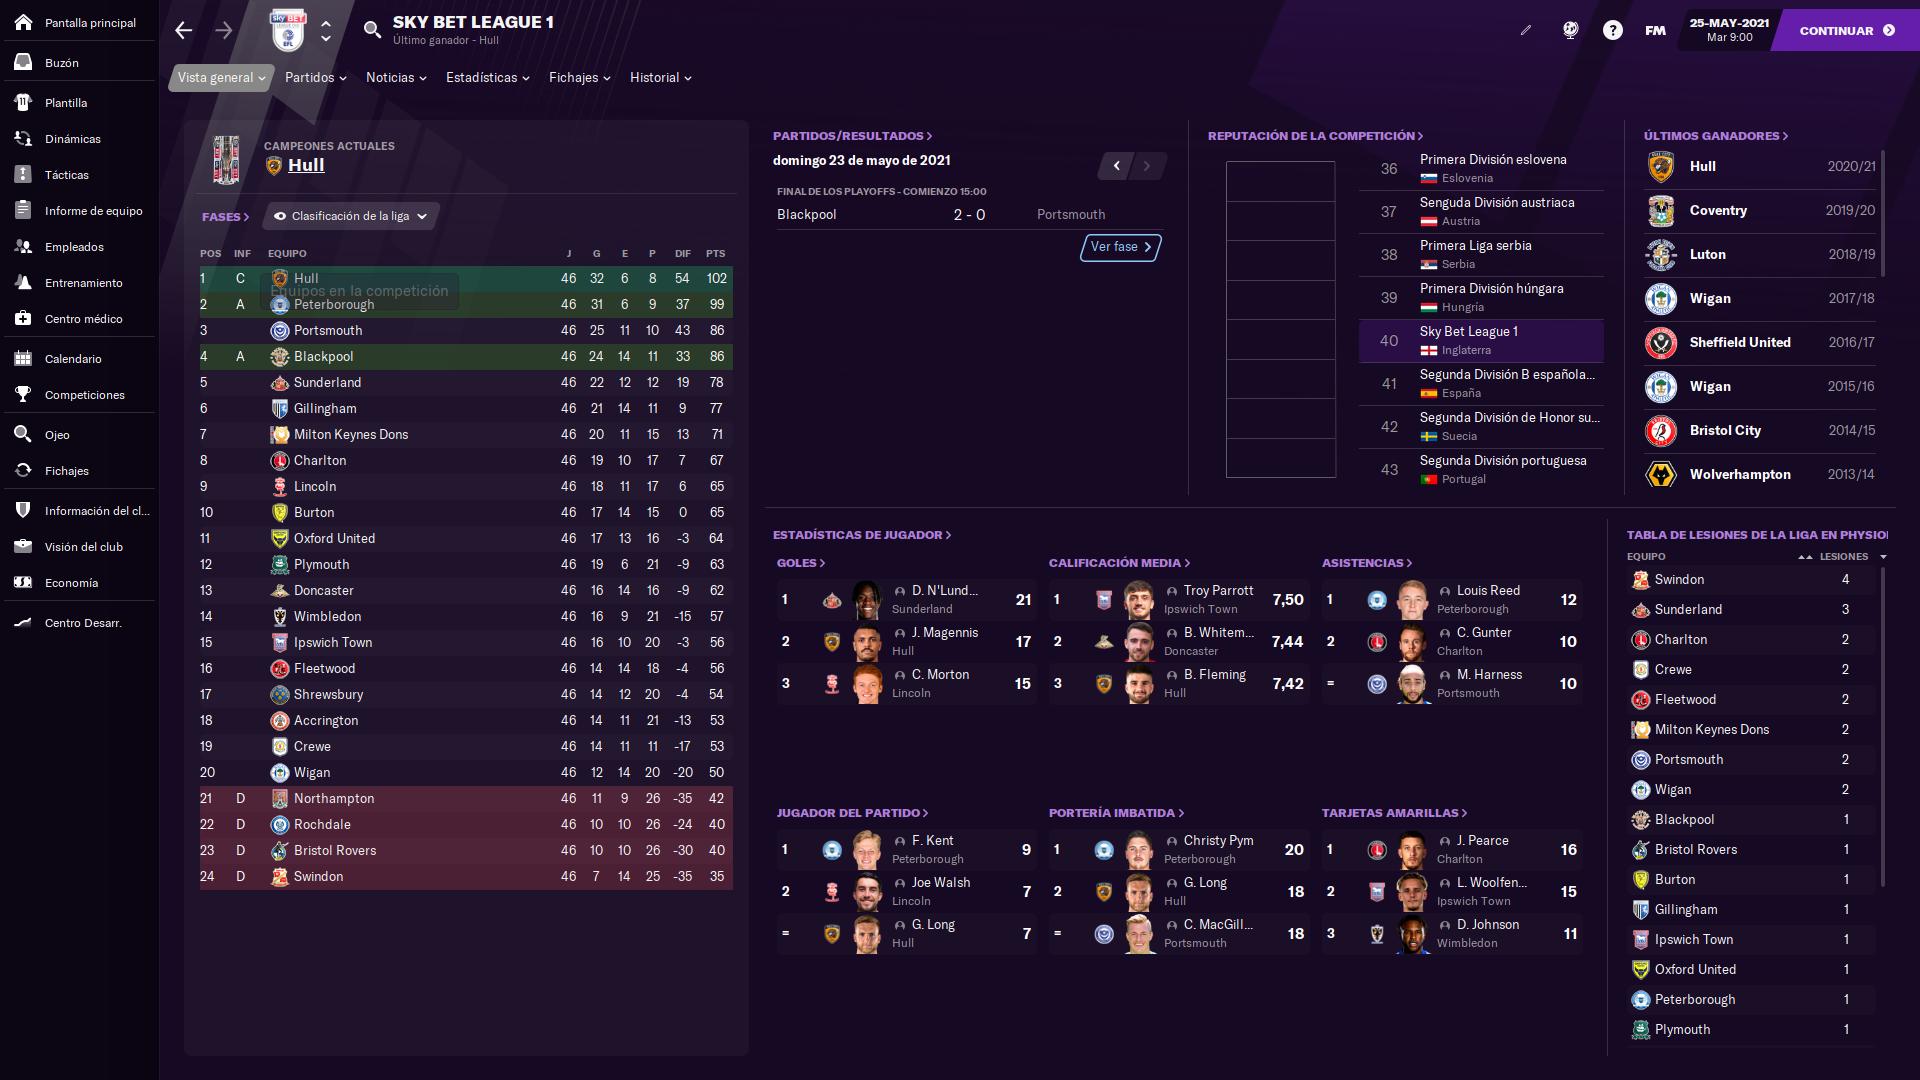 Sky-Bet-League-1-Perfil.png